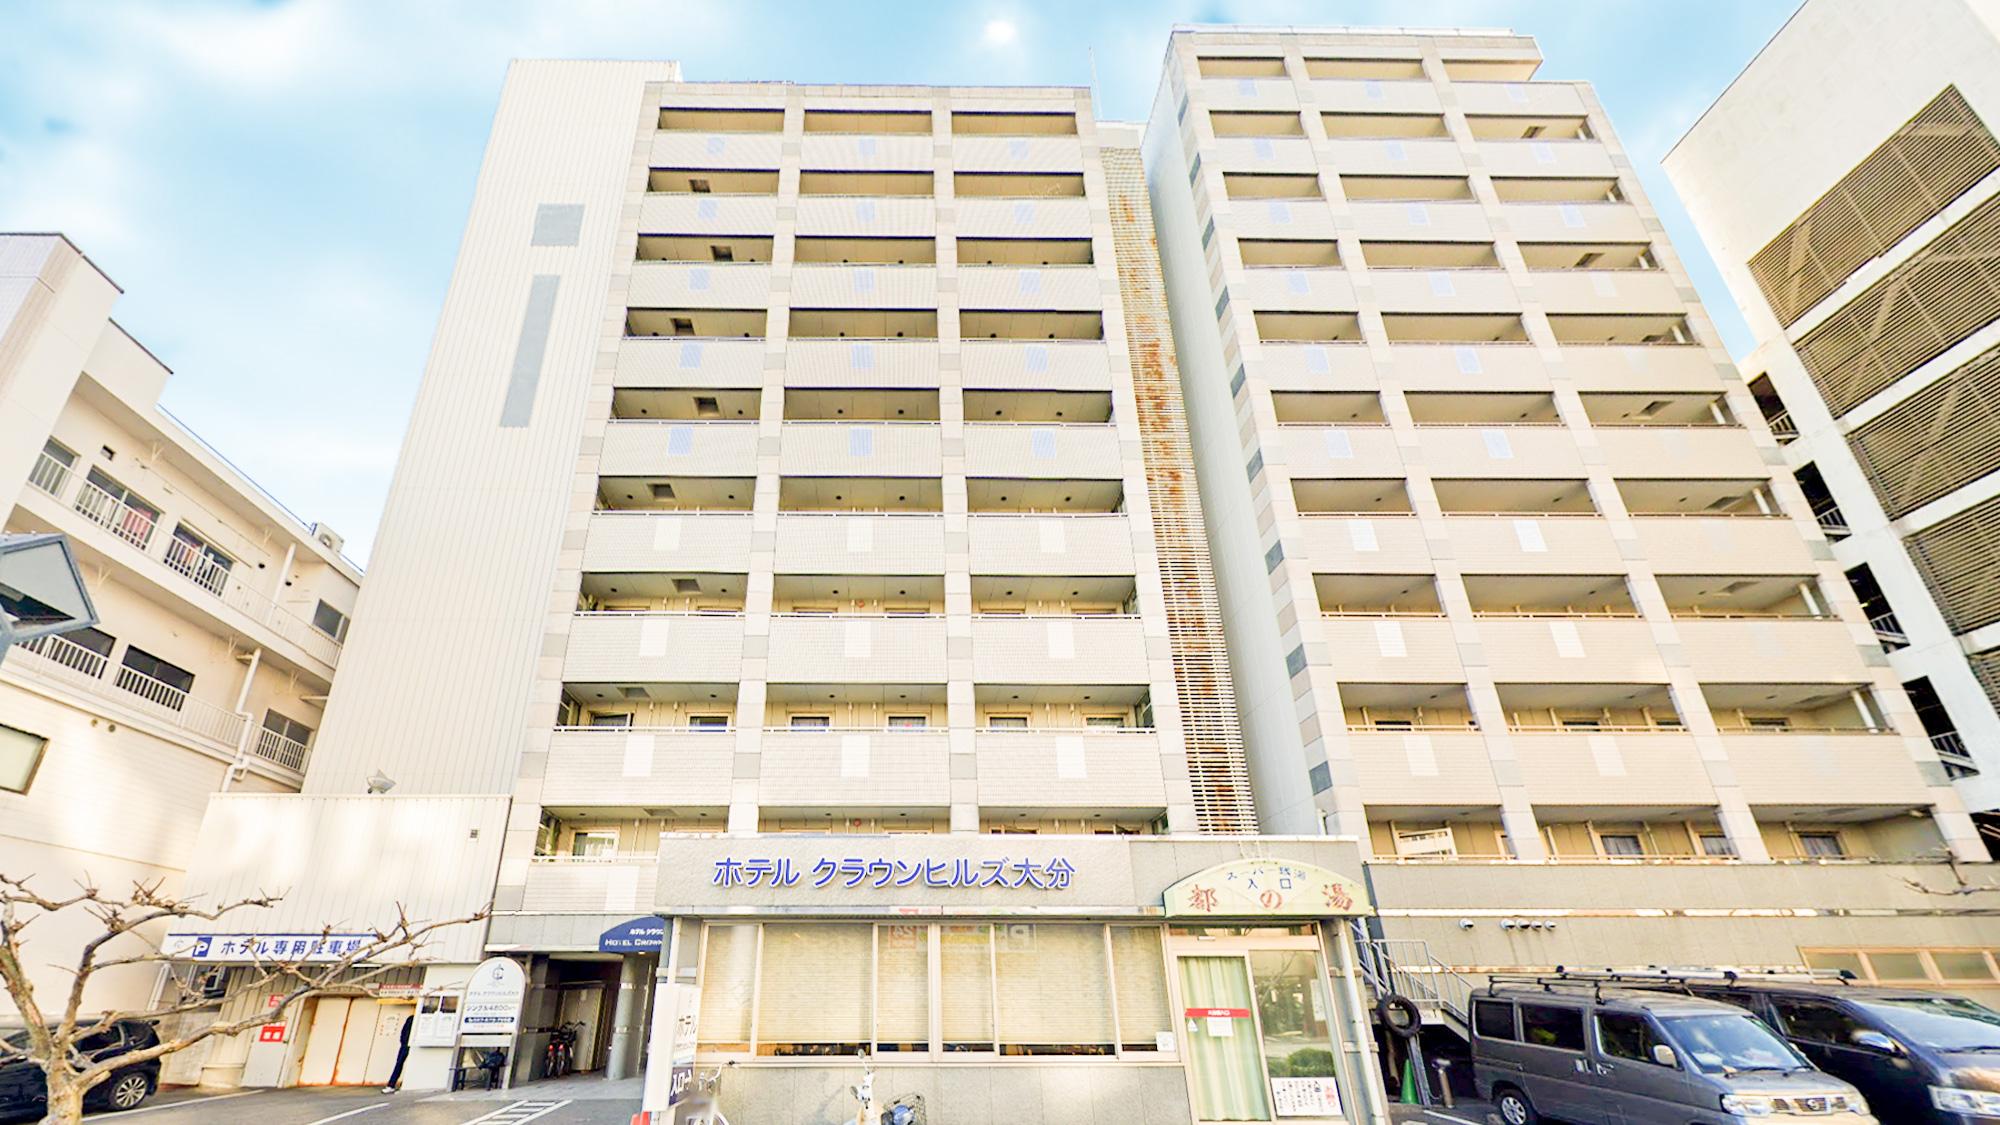 天然温泉 都の湯 ホテルクラウンヒルズ大分(旧グレイトホテル/BBHホテルグループ)